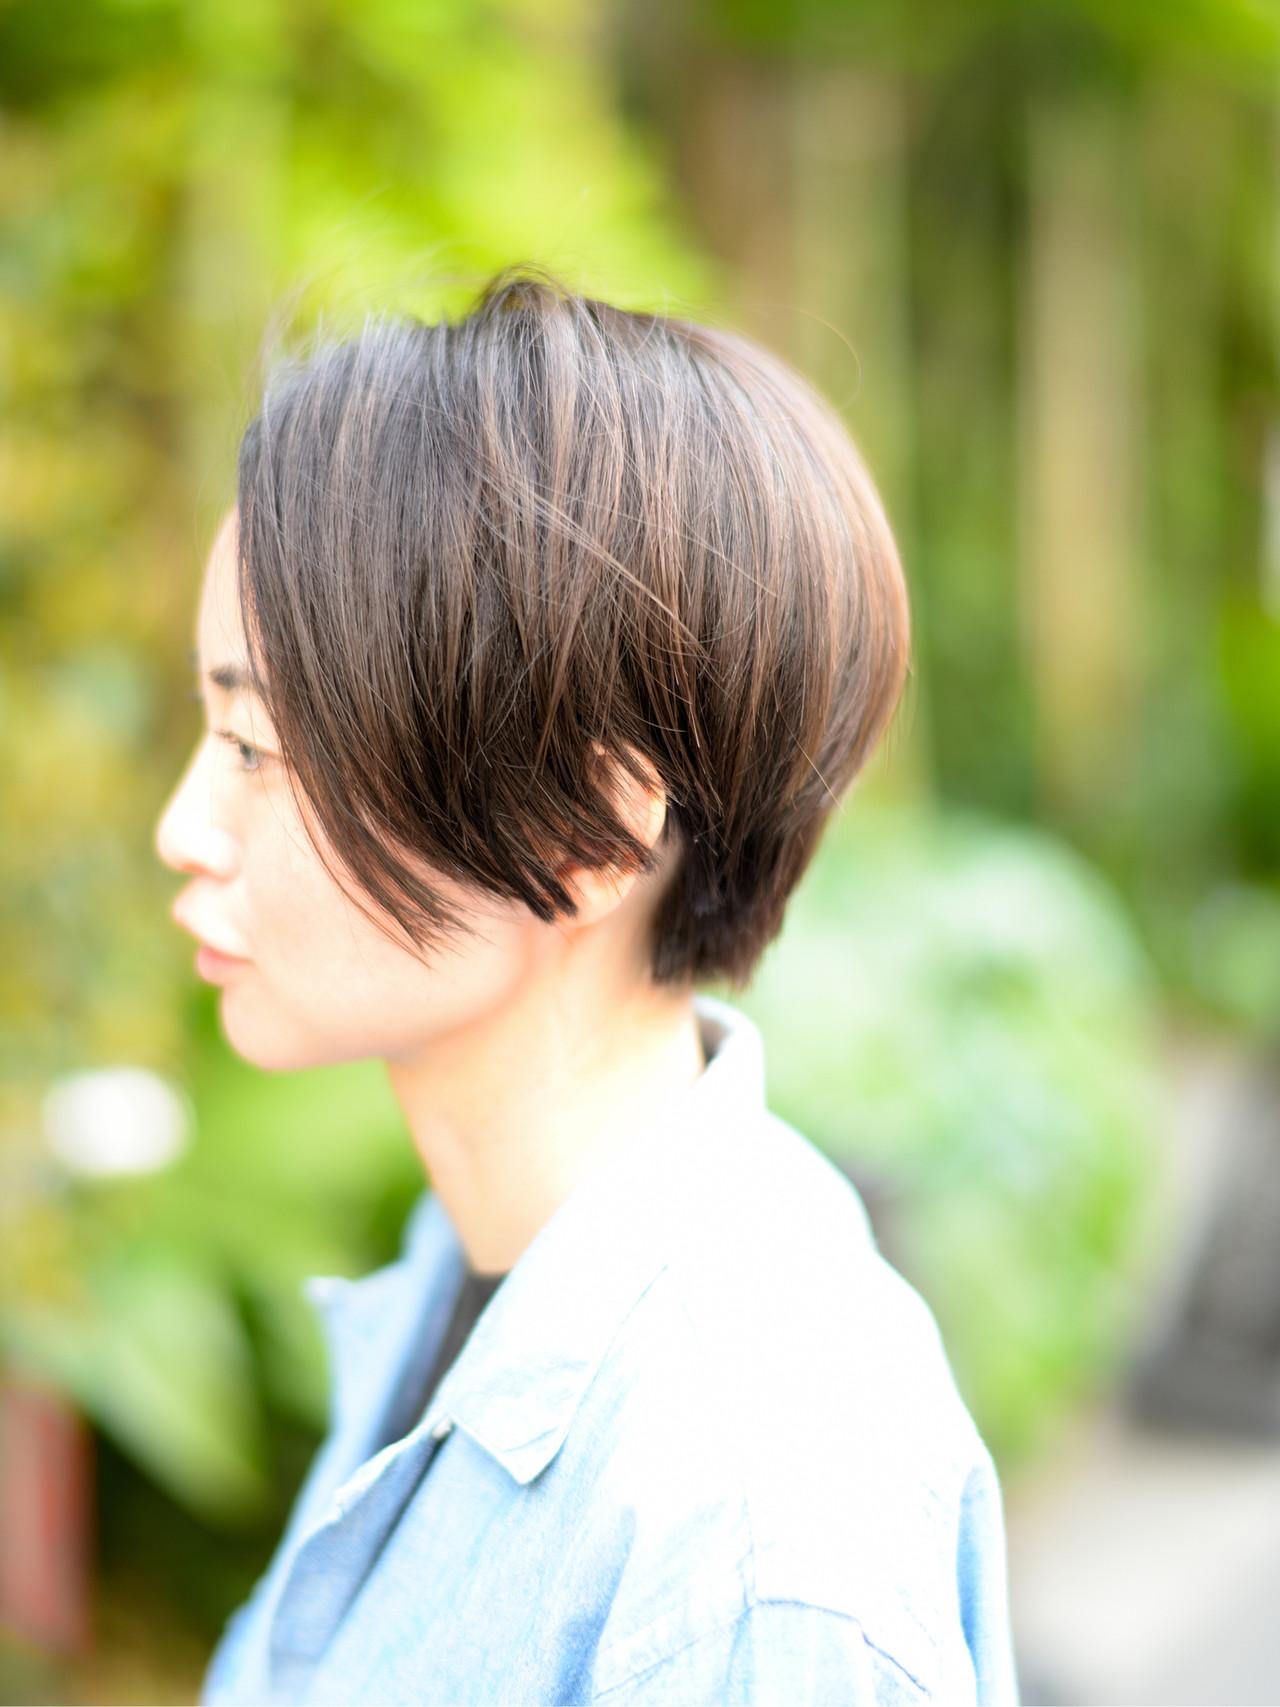 スポーツ ショート アウトドア デート ヘアスタイルや髪型の写真・画像